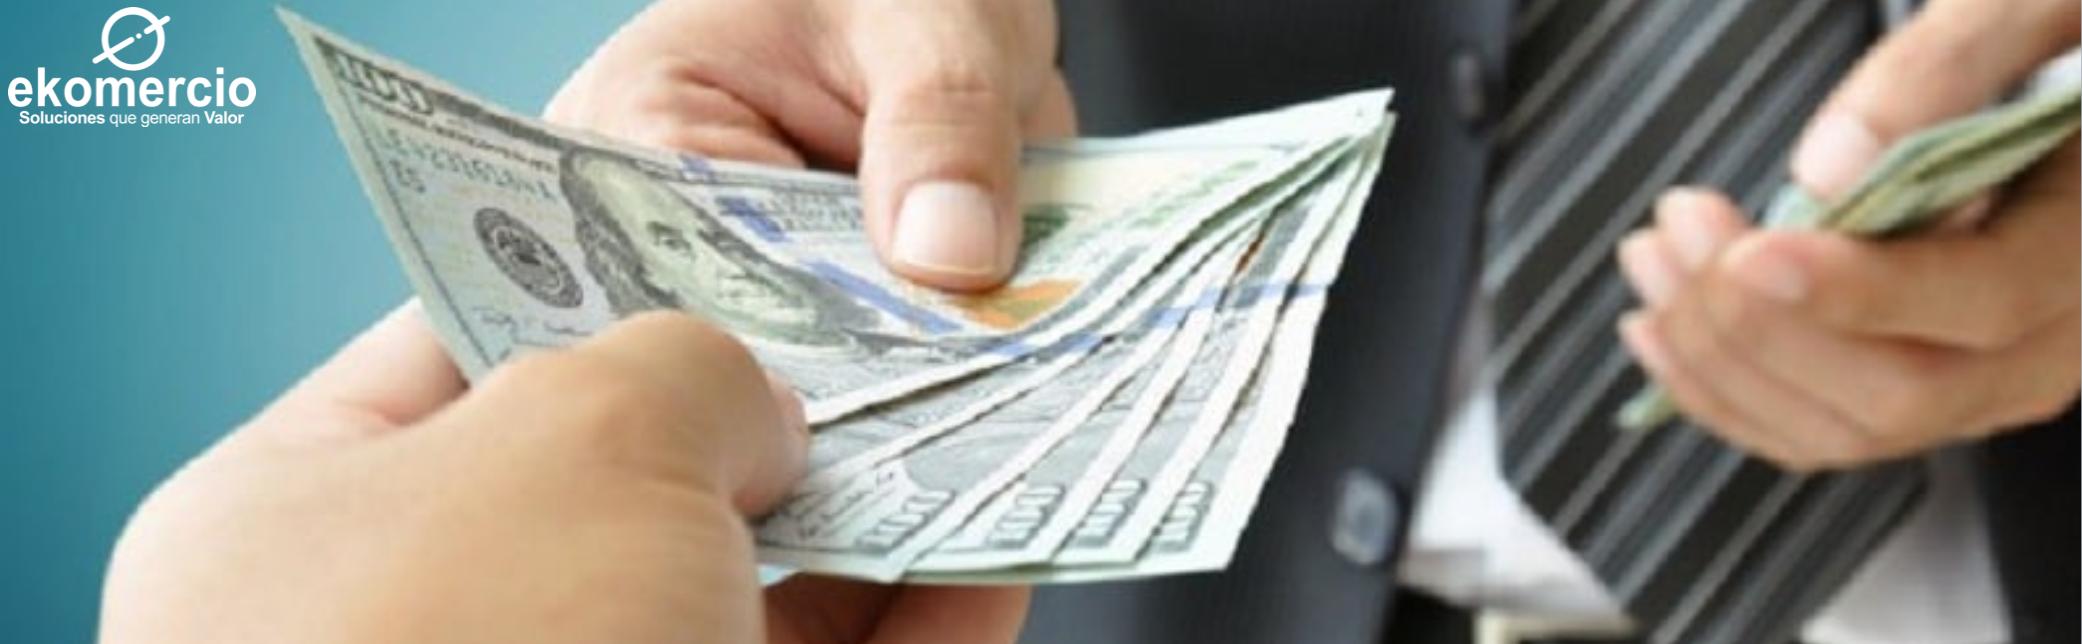 facilidades complemento de recepcion de pagos